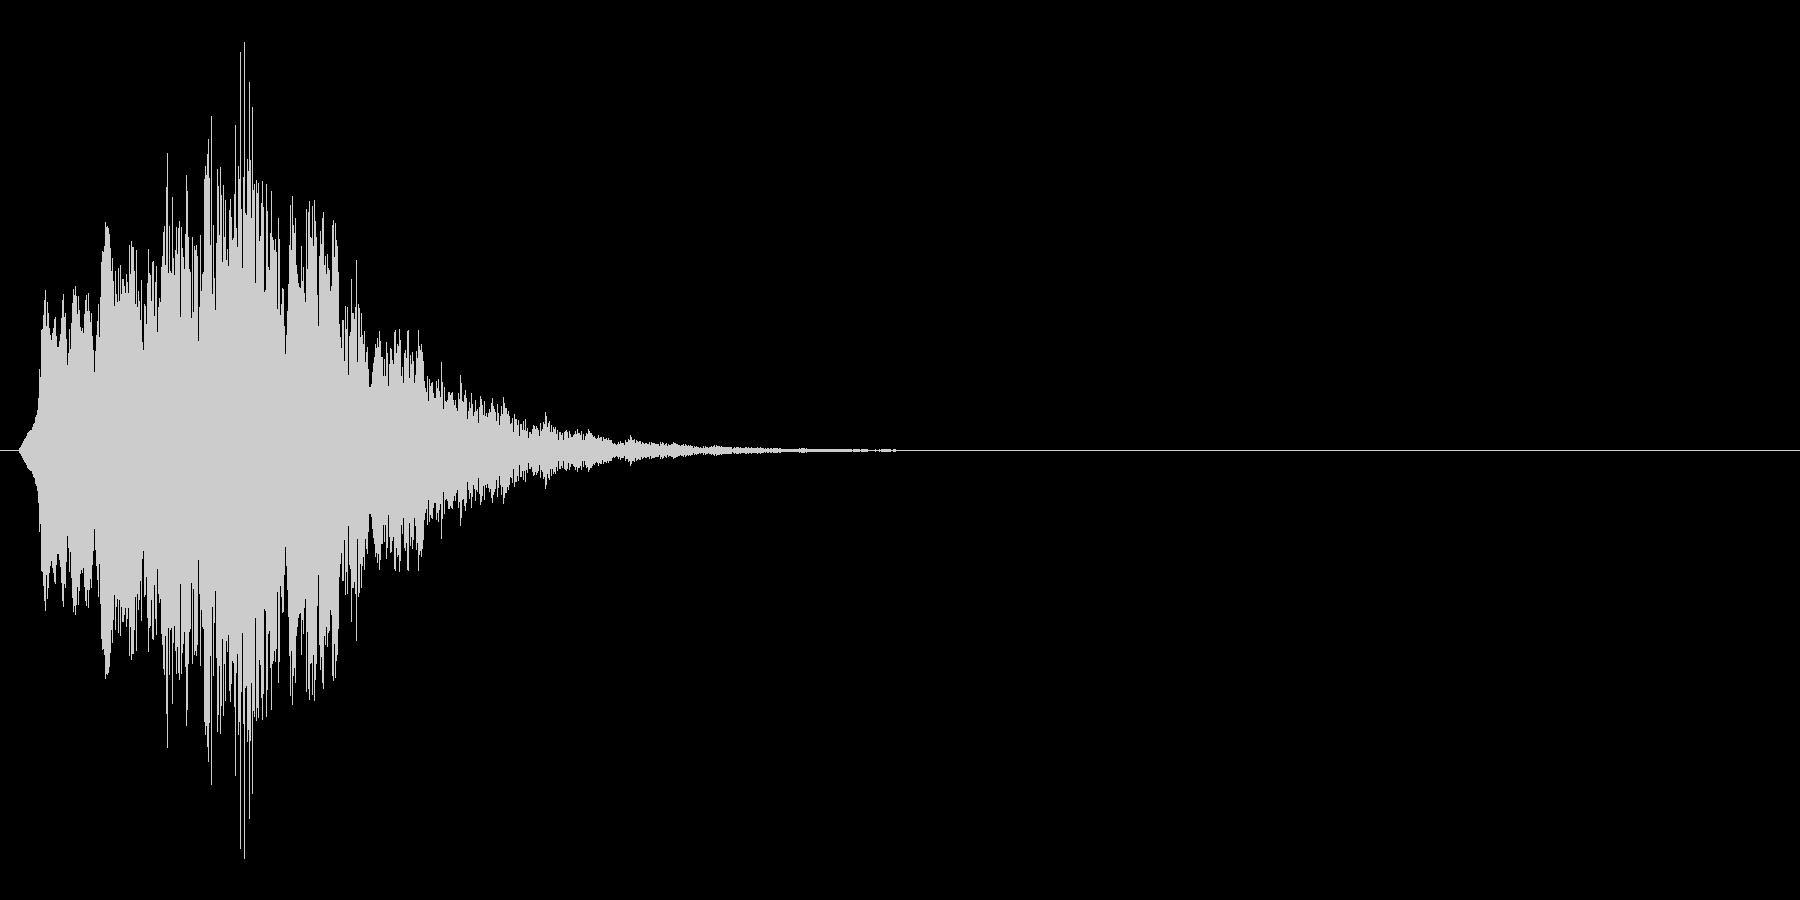 メッセージを通知する時の効果音の未再生の波形